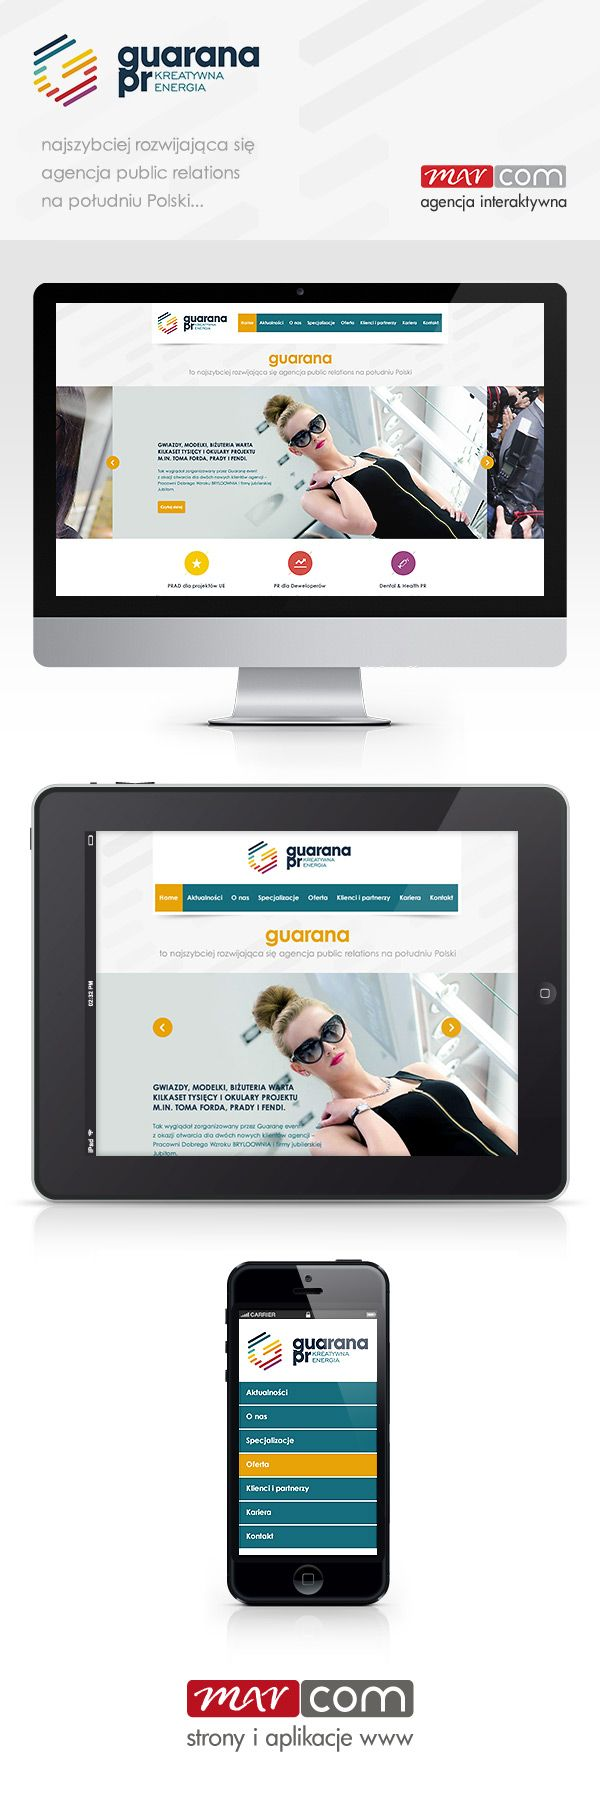 Responsywna strona internetowa dla Guarana PR Katowice. Projekt RWD dopasowuje się do rozdzielczości urządzenia, z którego korzysta internauta.  Więcej o responsywnych stronach internetowych na blogu Marcom Interactive: http://blog.e-marcom.pl/interaktywnie/responsywne-strony-internetowe/